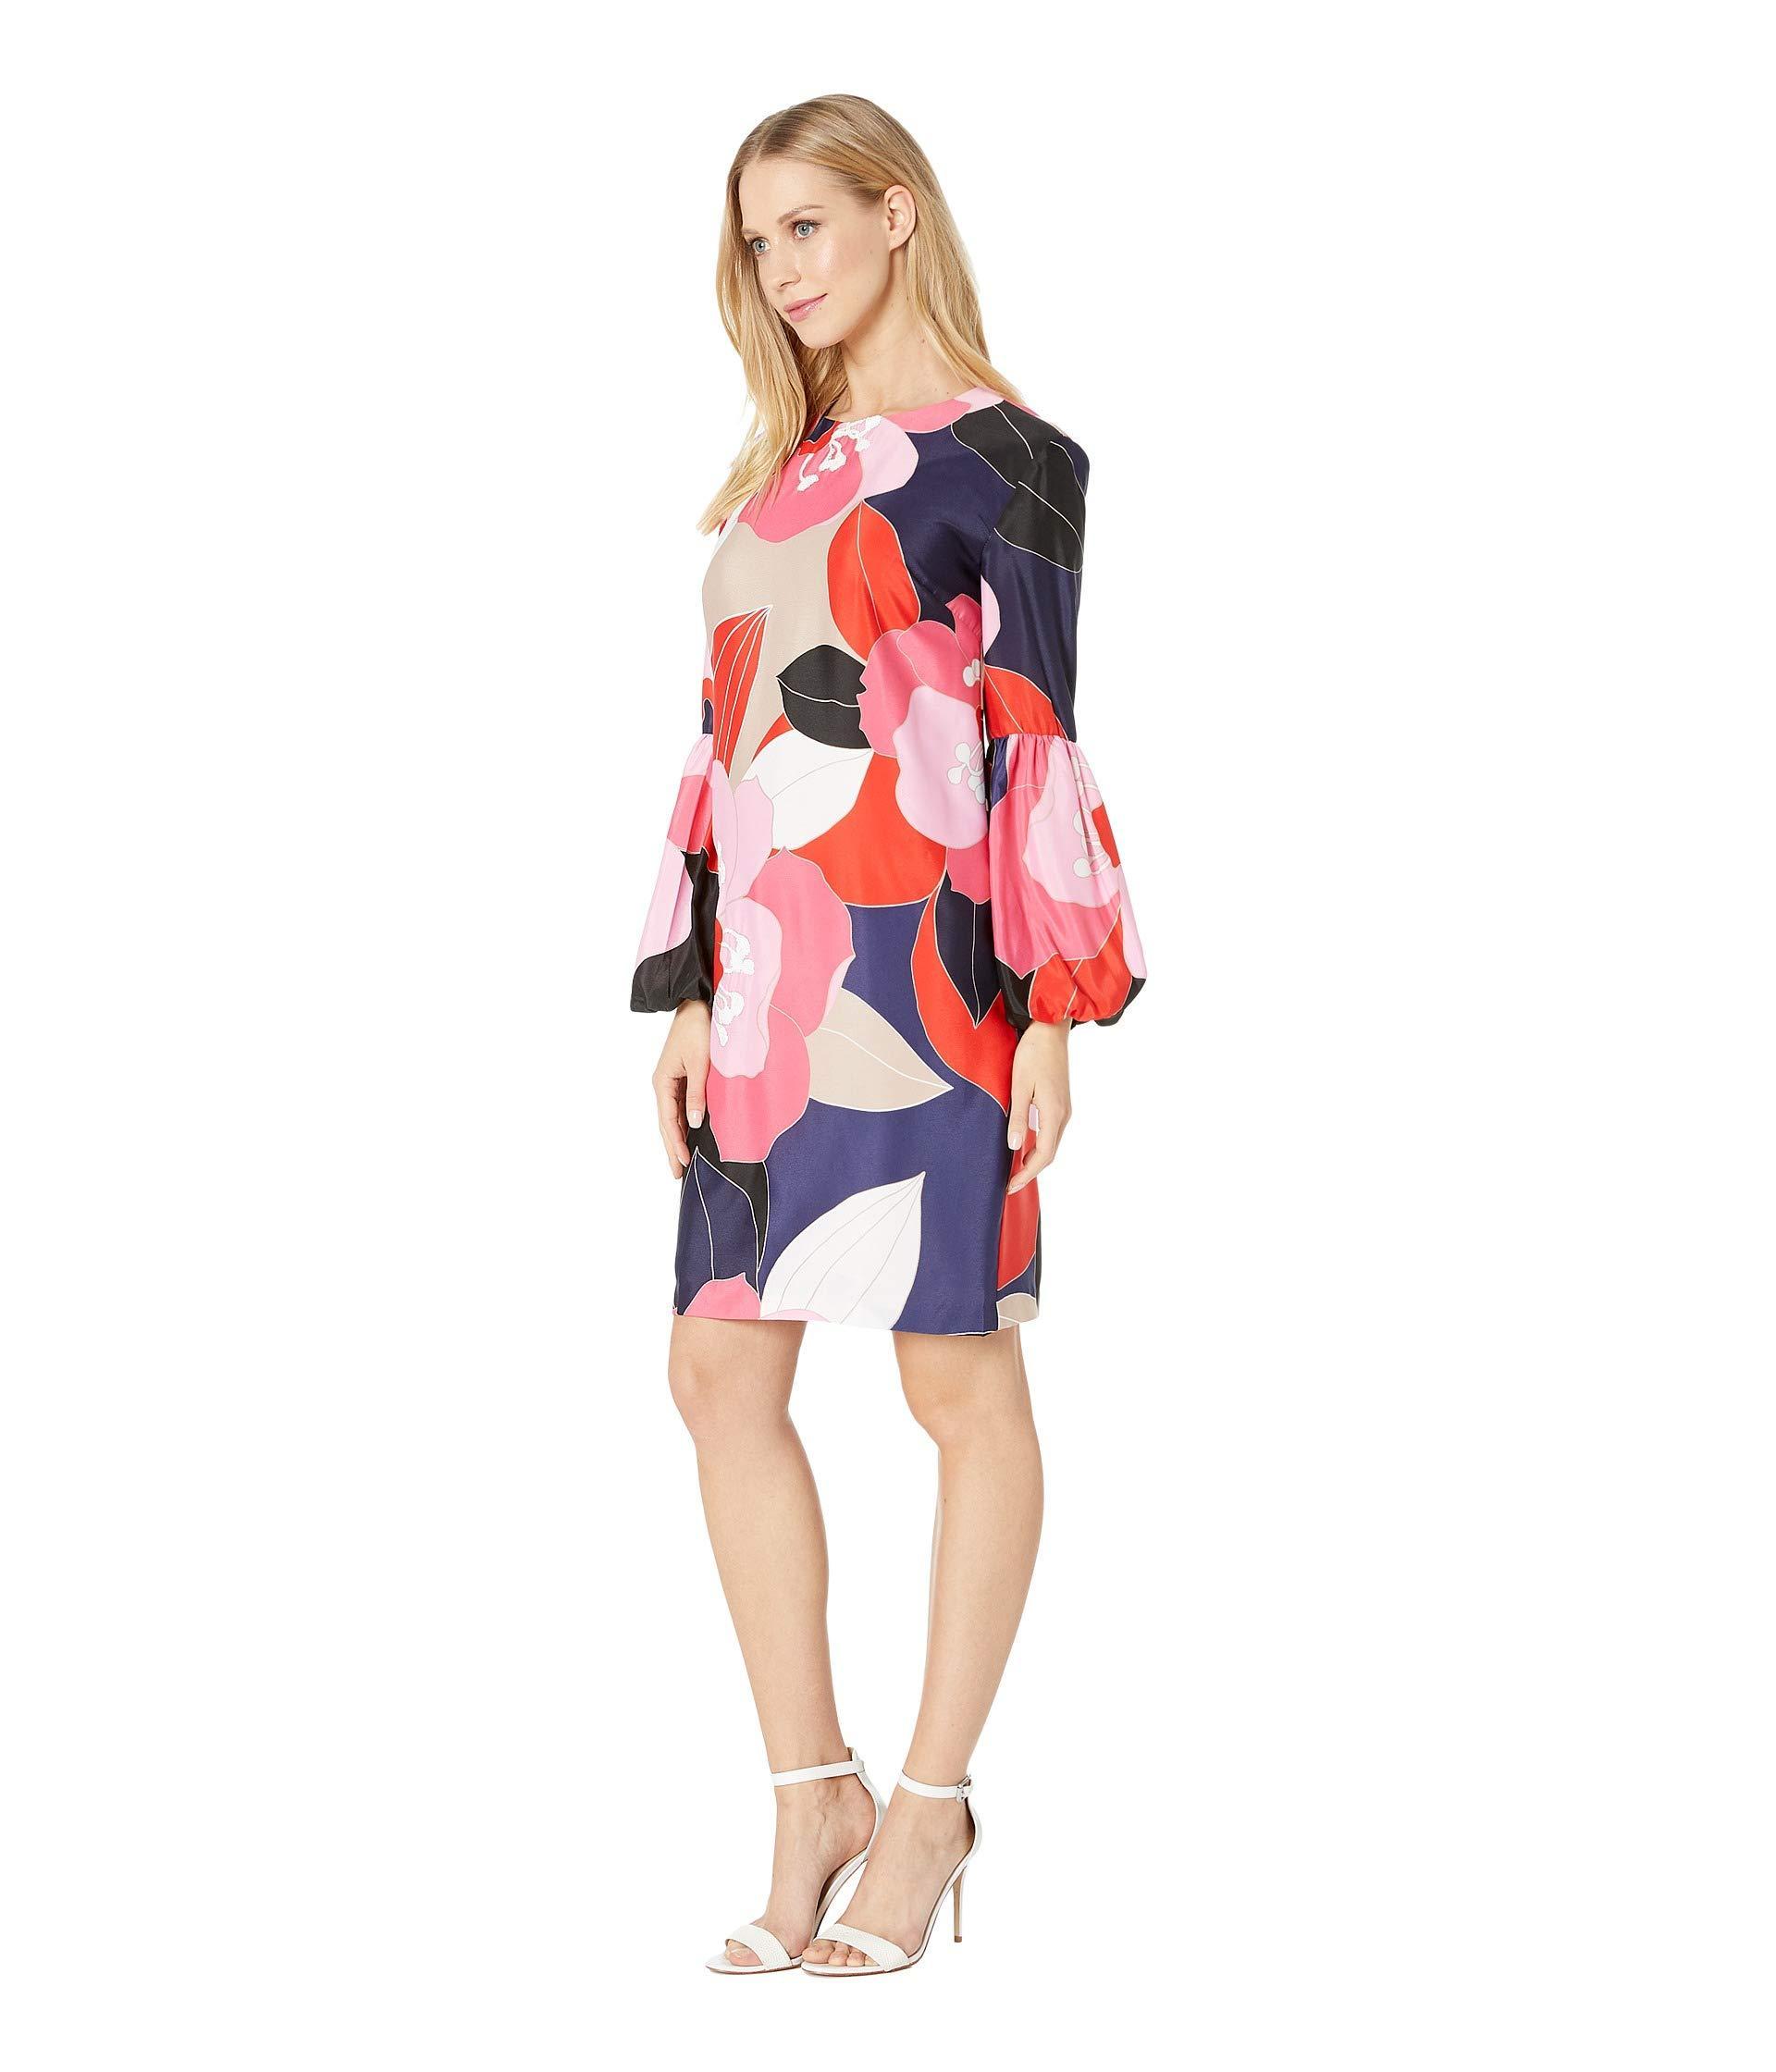 56e2ef2888 Lyst - Trina Turk Sightseeing Dress (multi) Women's Dress in Red